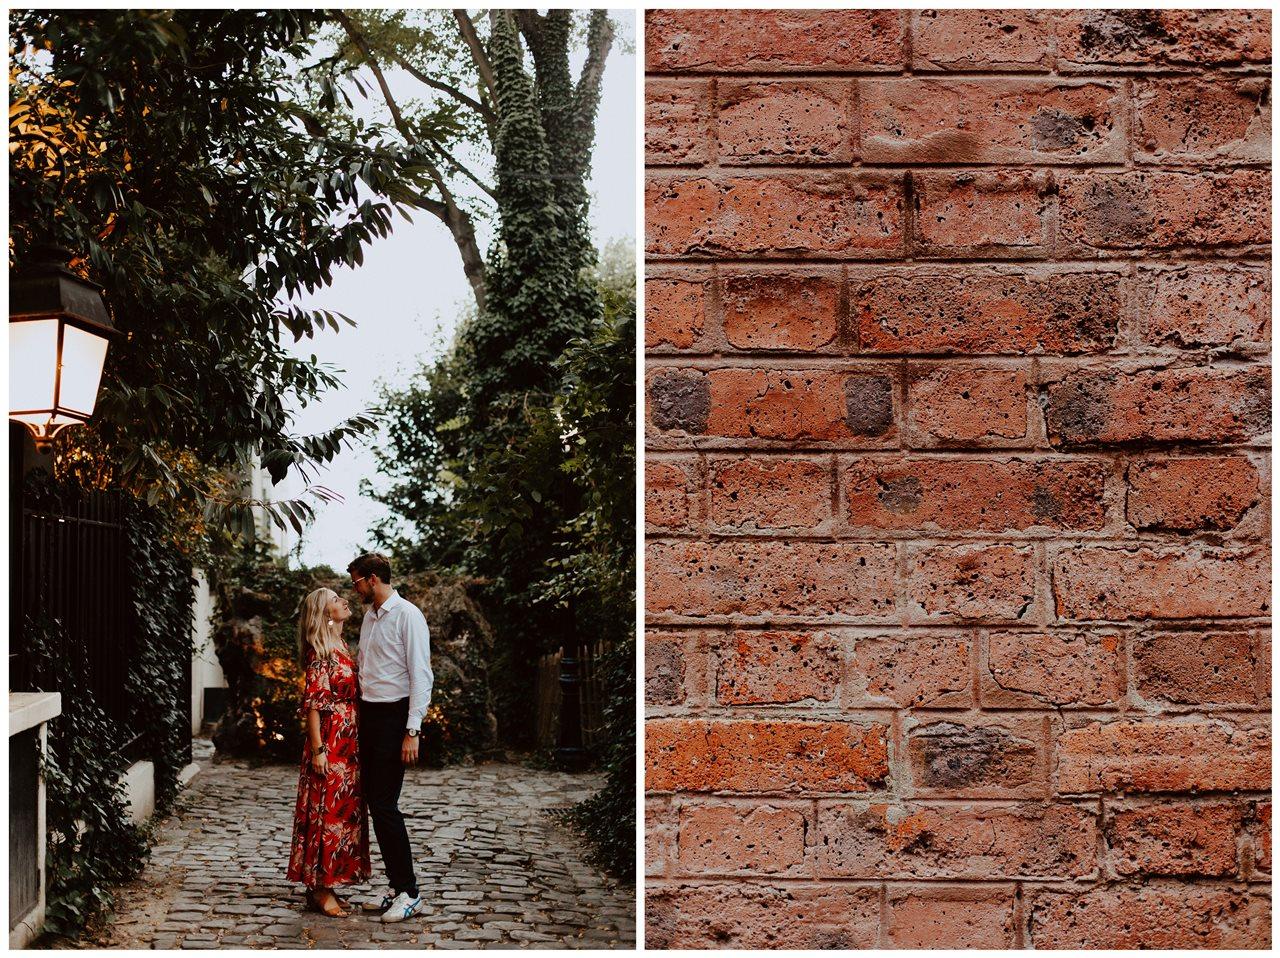 seance engagement paris montmartre couple regards rue végétale détail mur brique